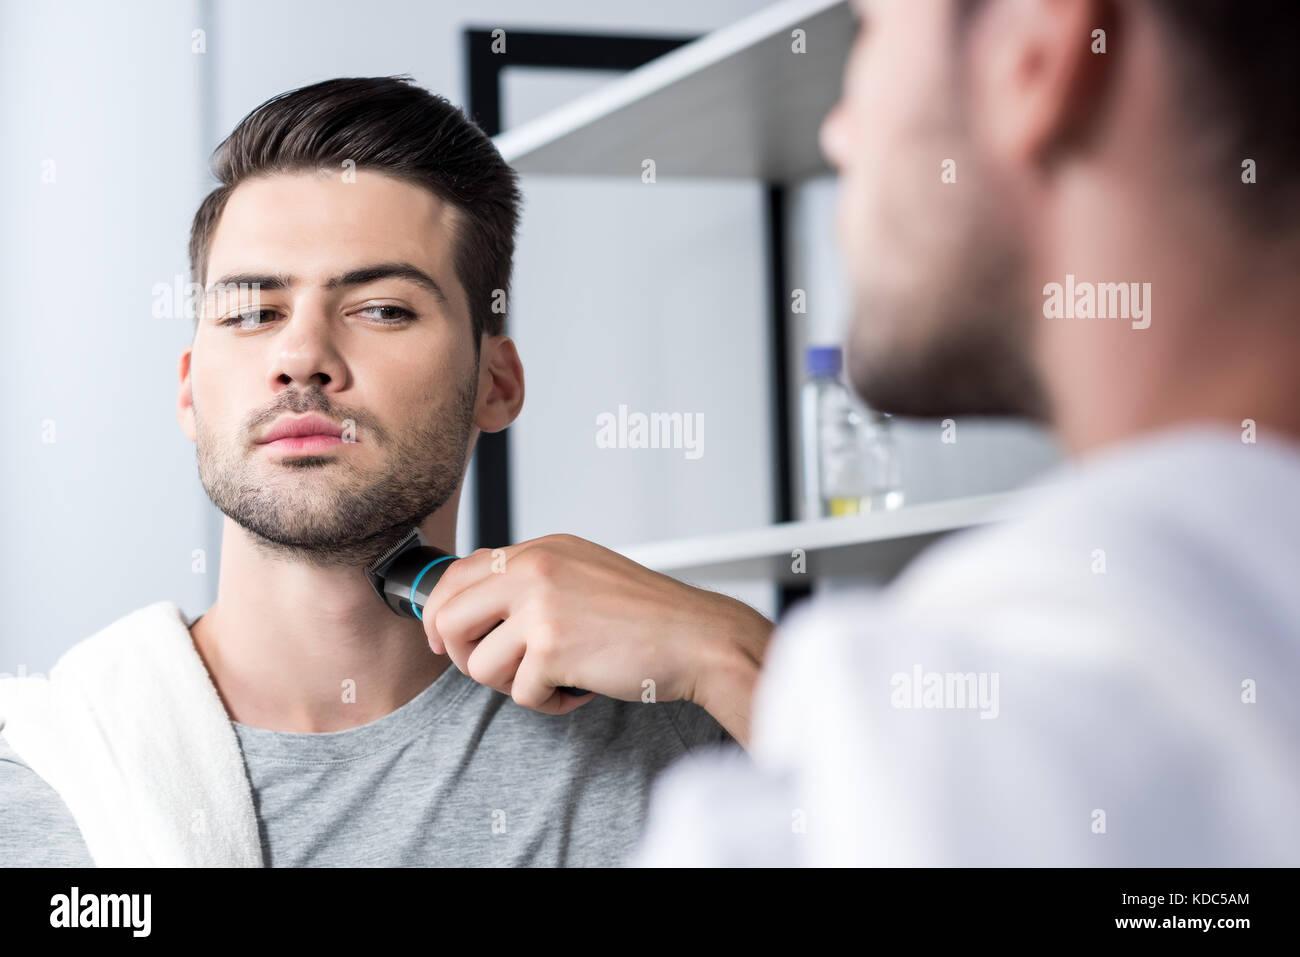 Rasage homme tondeuse électrique avec Photo Stock